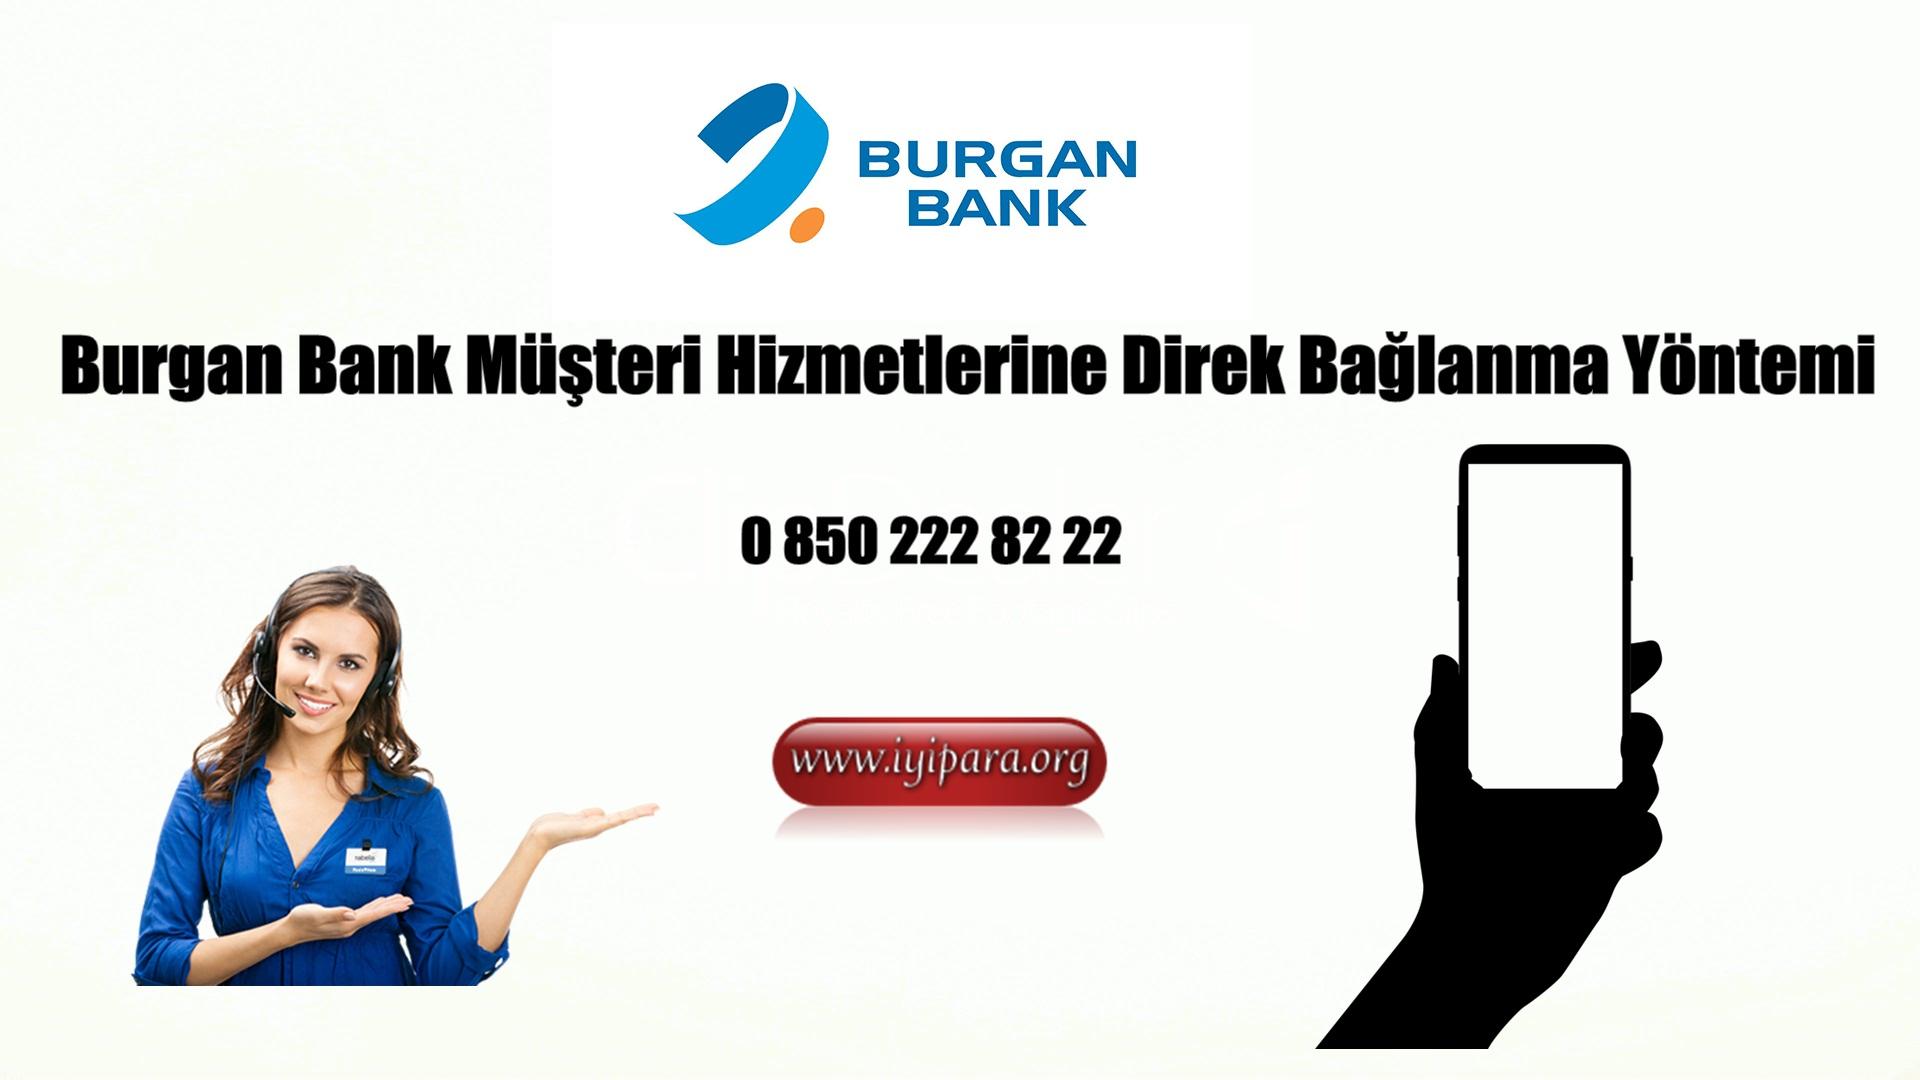 Burgan Bank Müşteri Hizmetlerine Direk Bağlanma Yöntemi